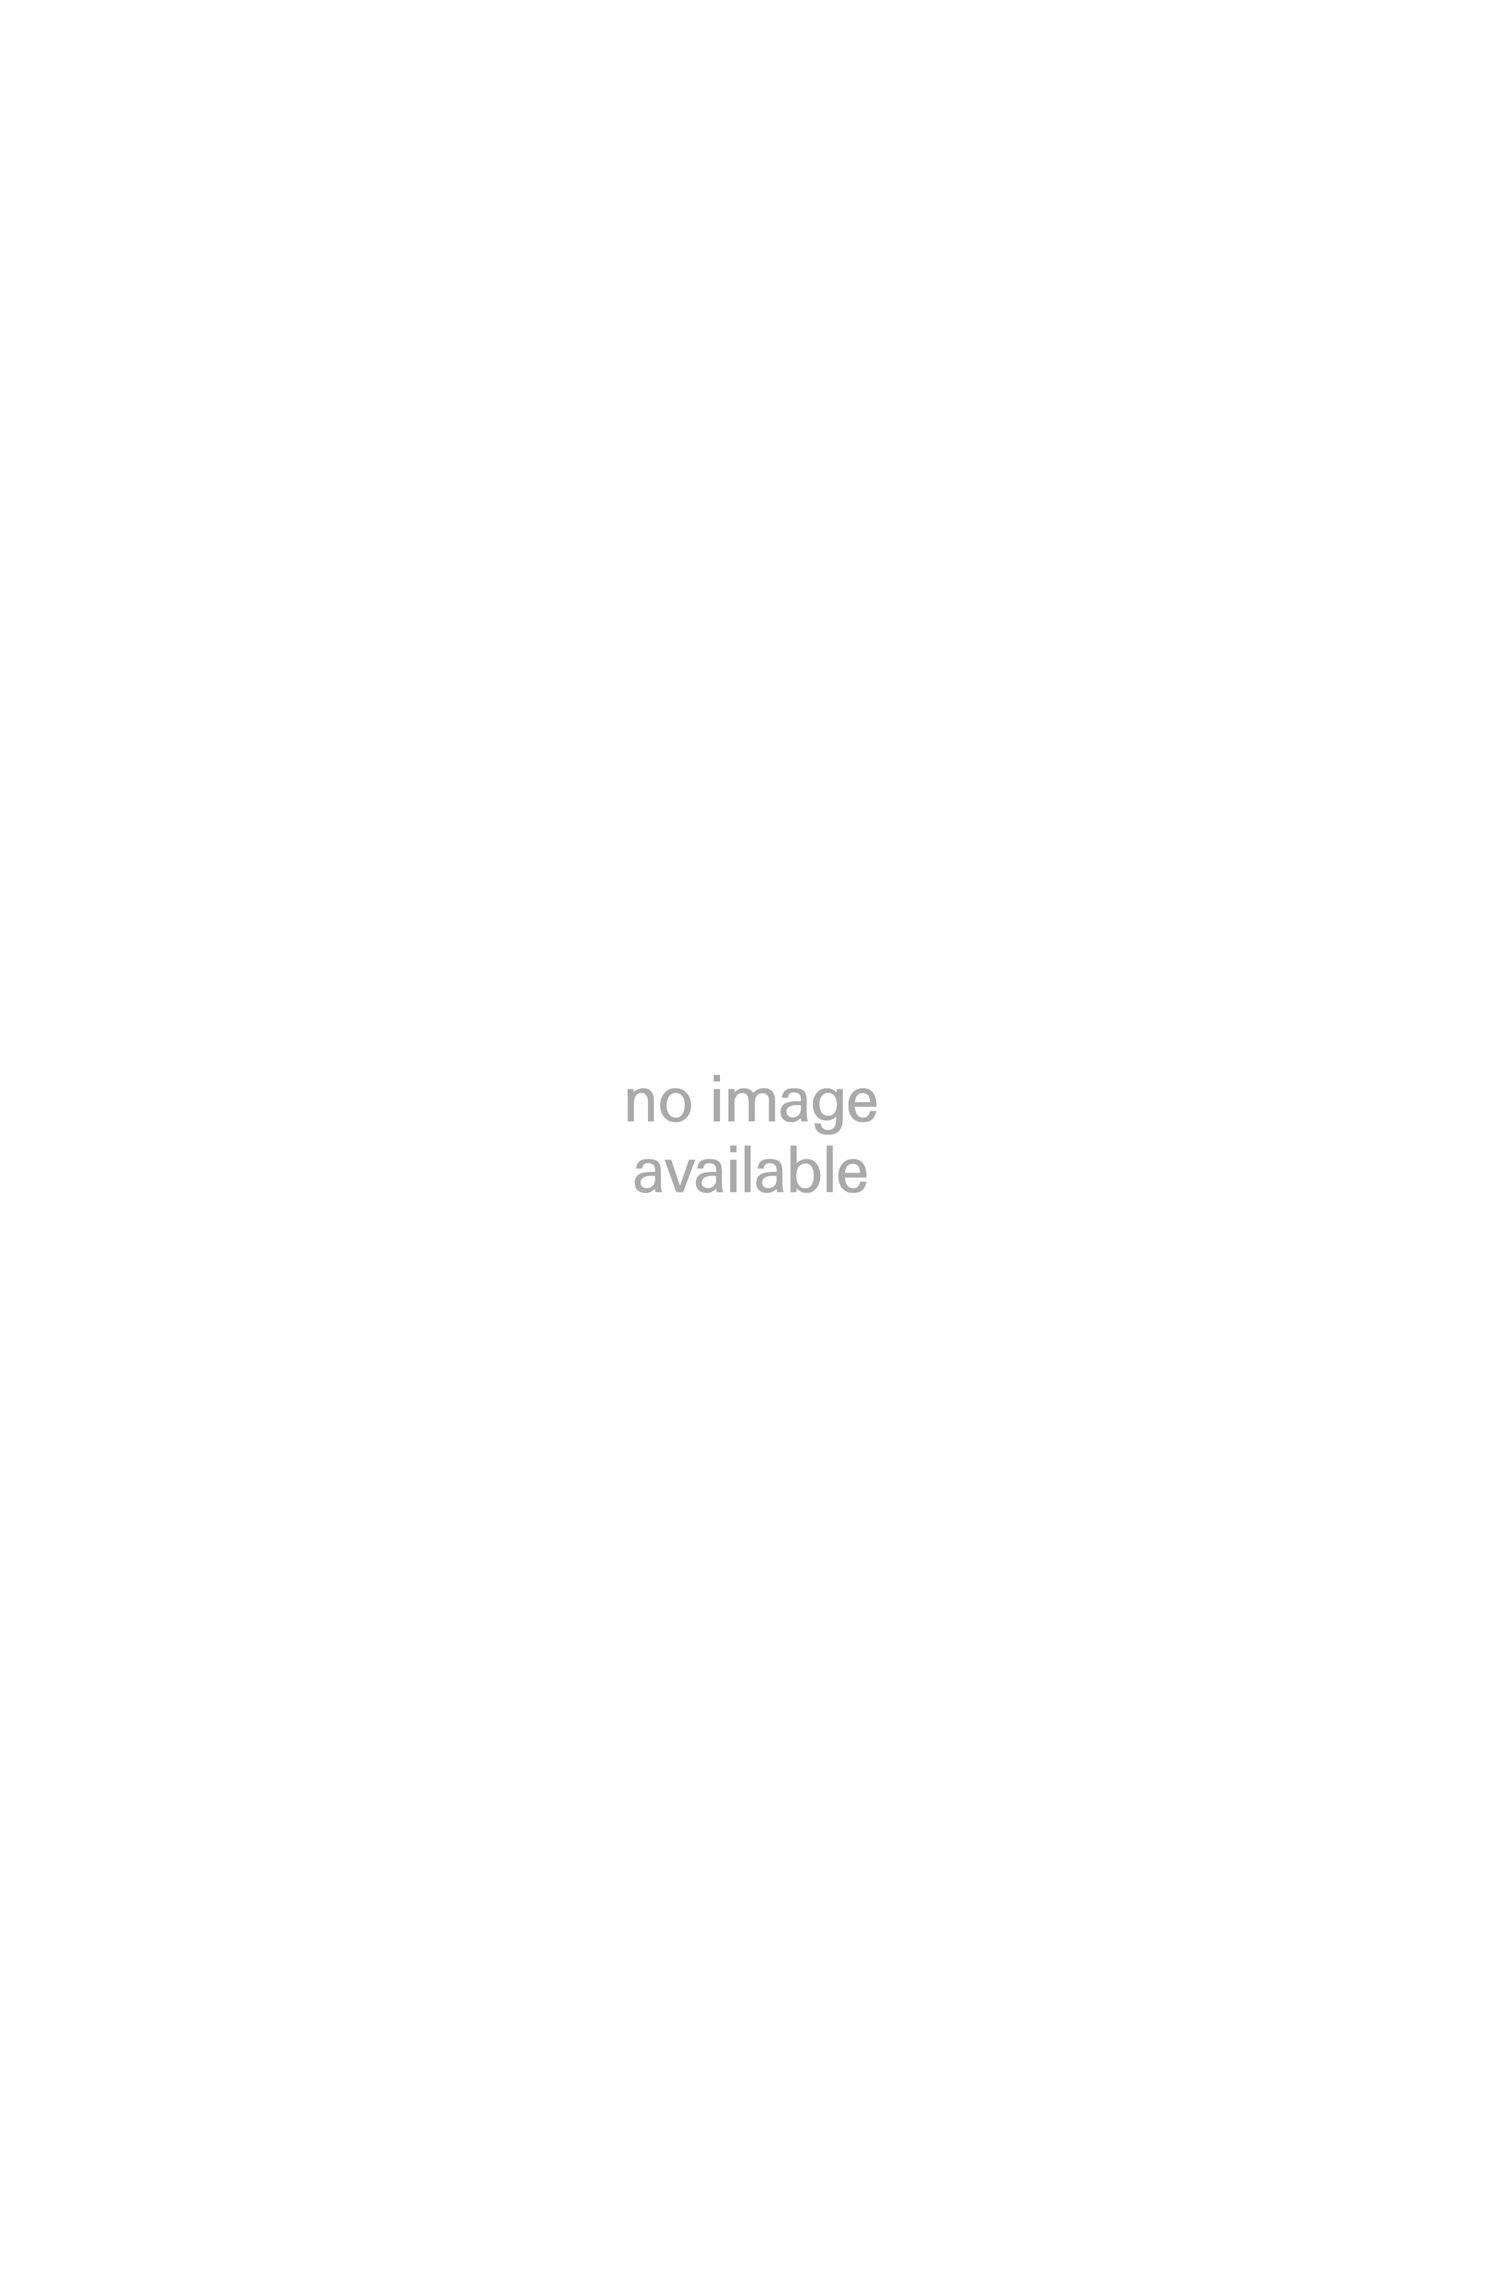 T-shirt van single-jersey van gewassen katoen met lange mouwen